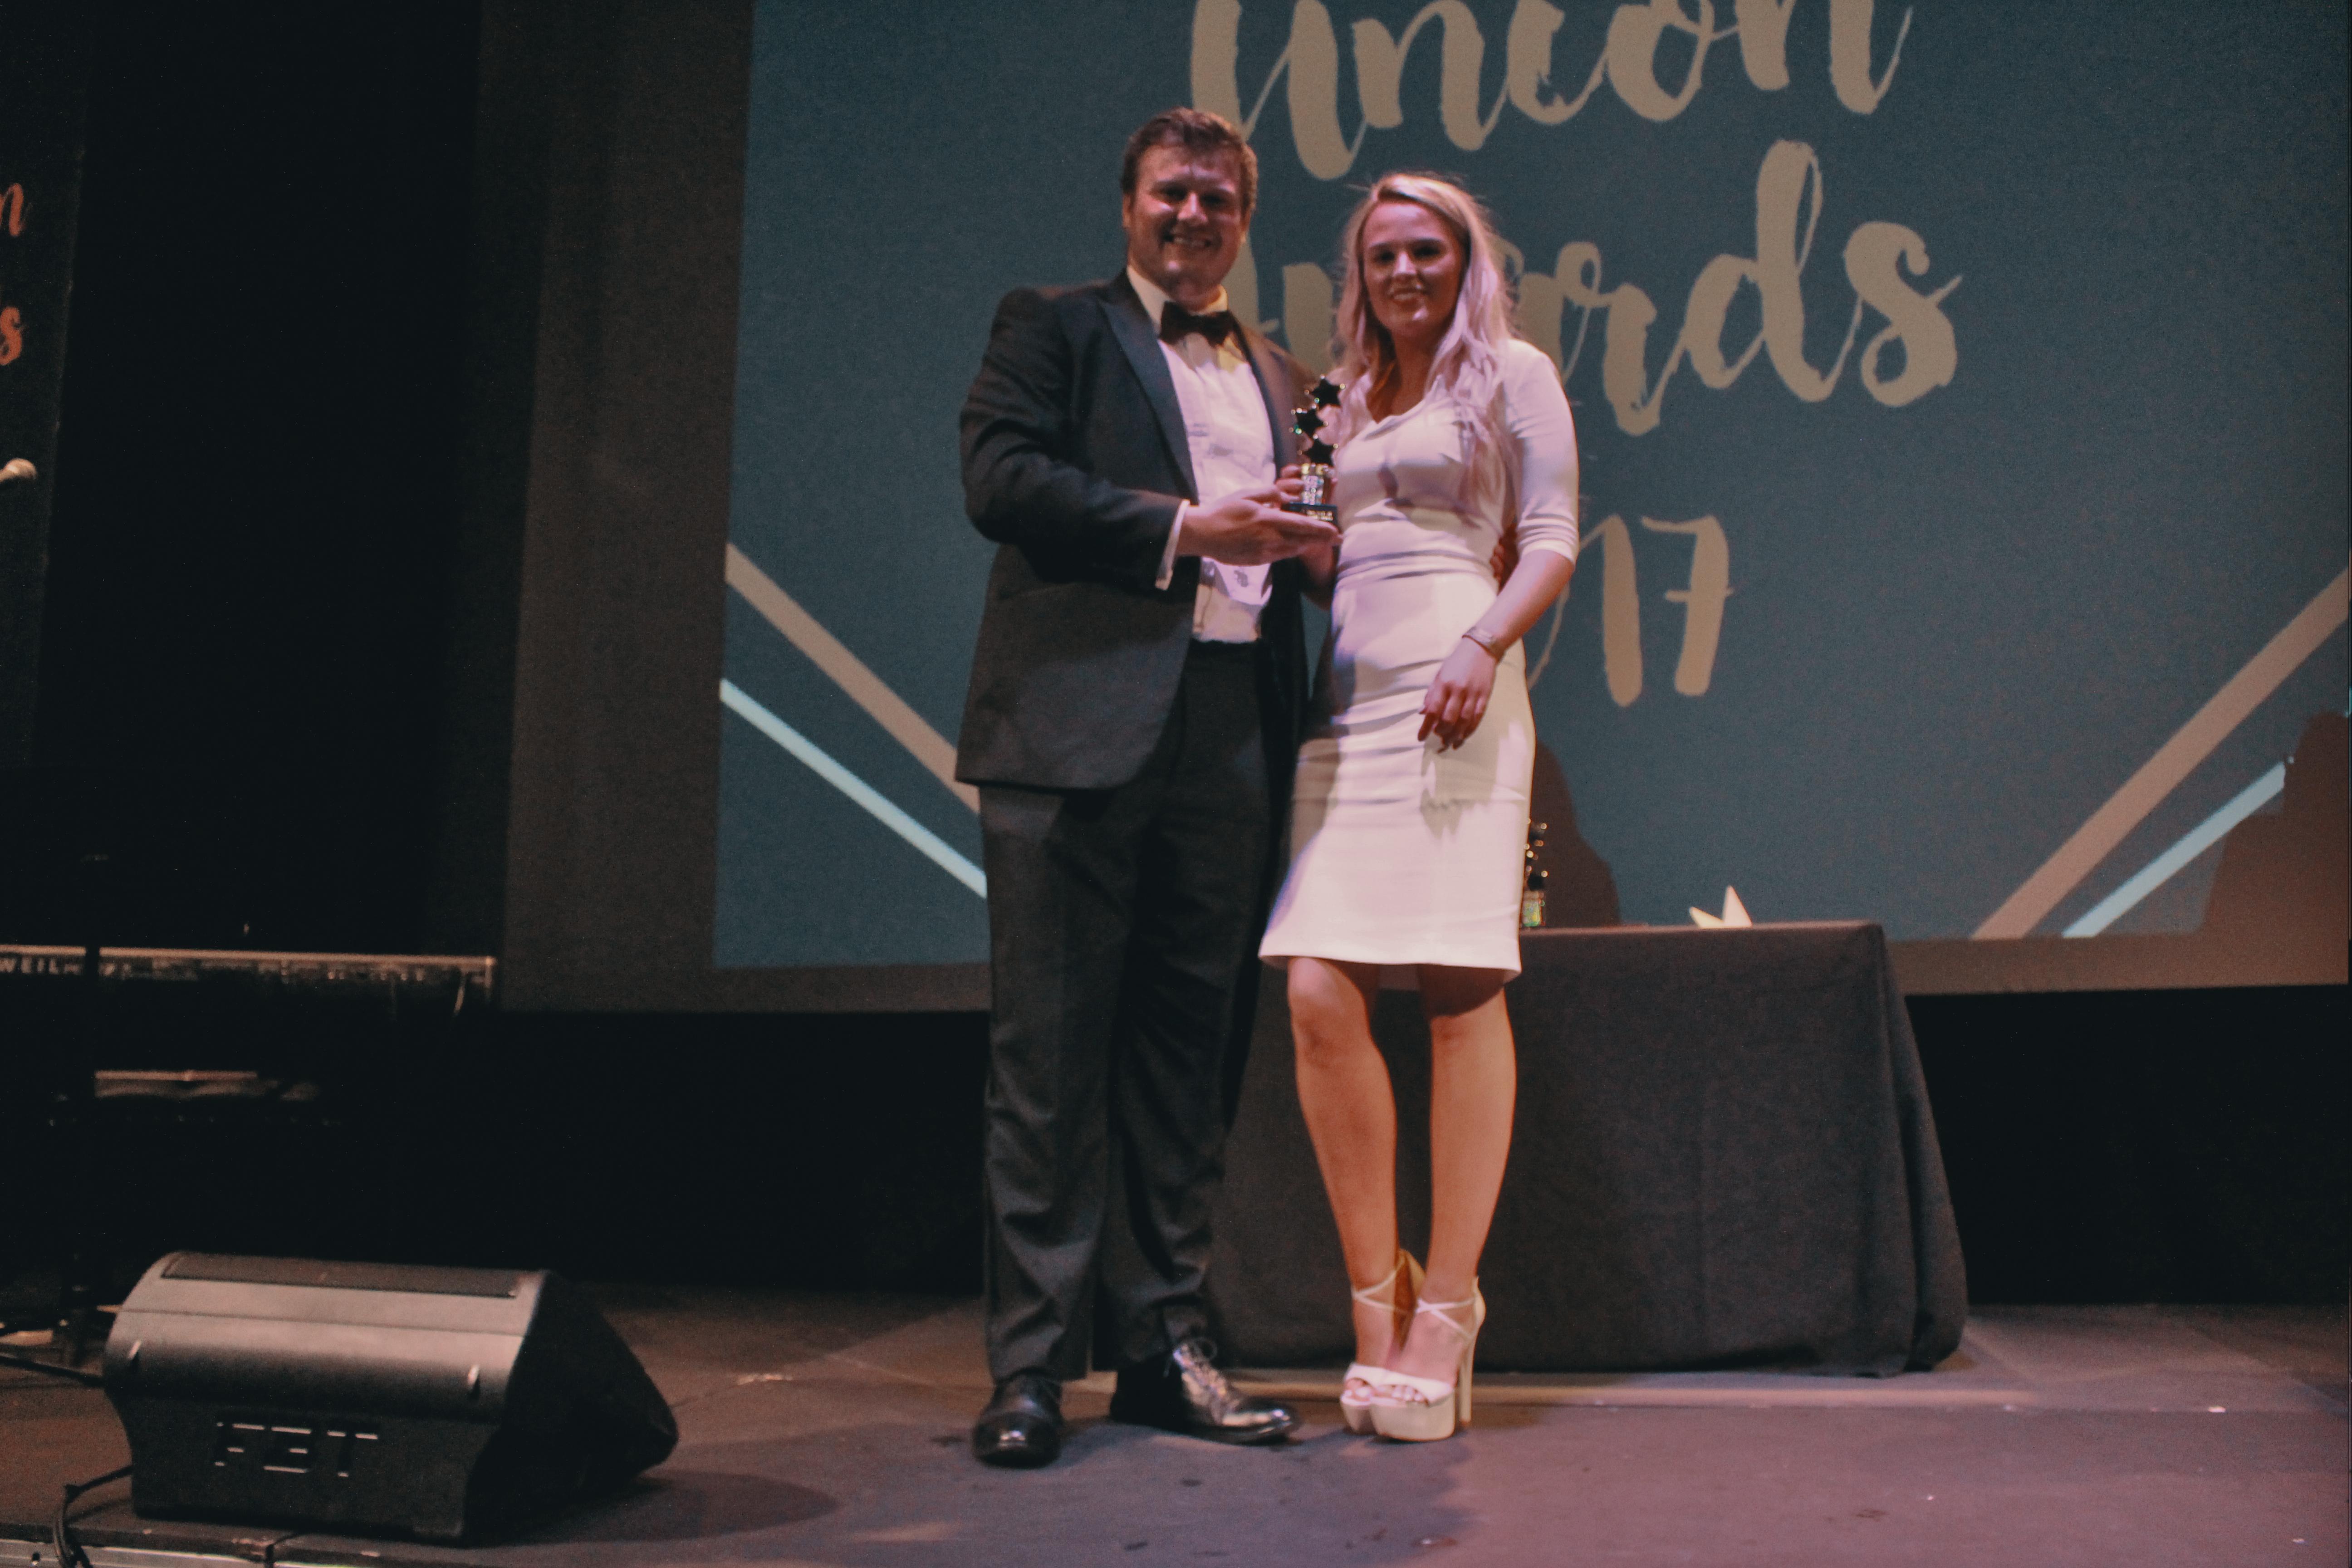 Union awards 32